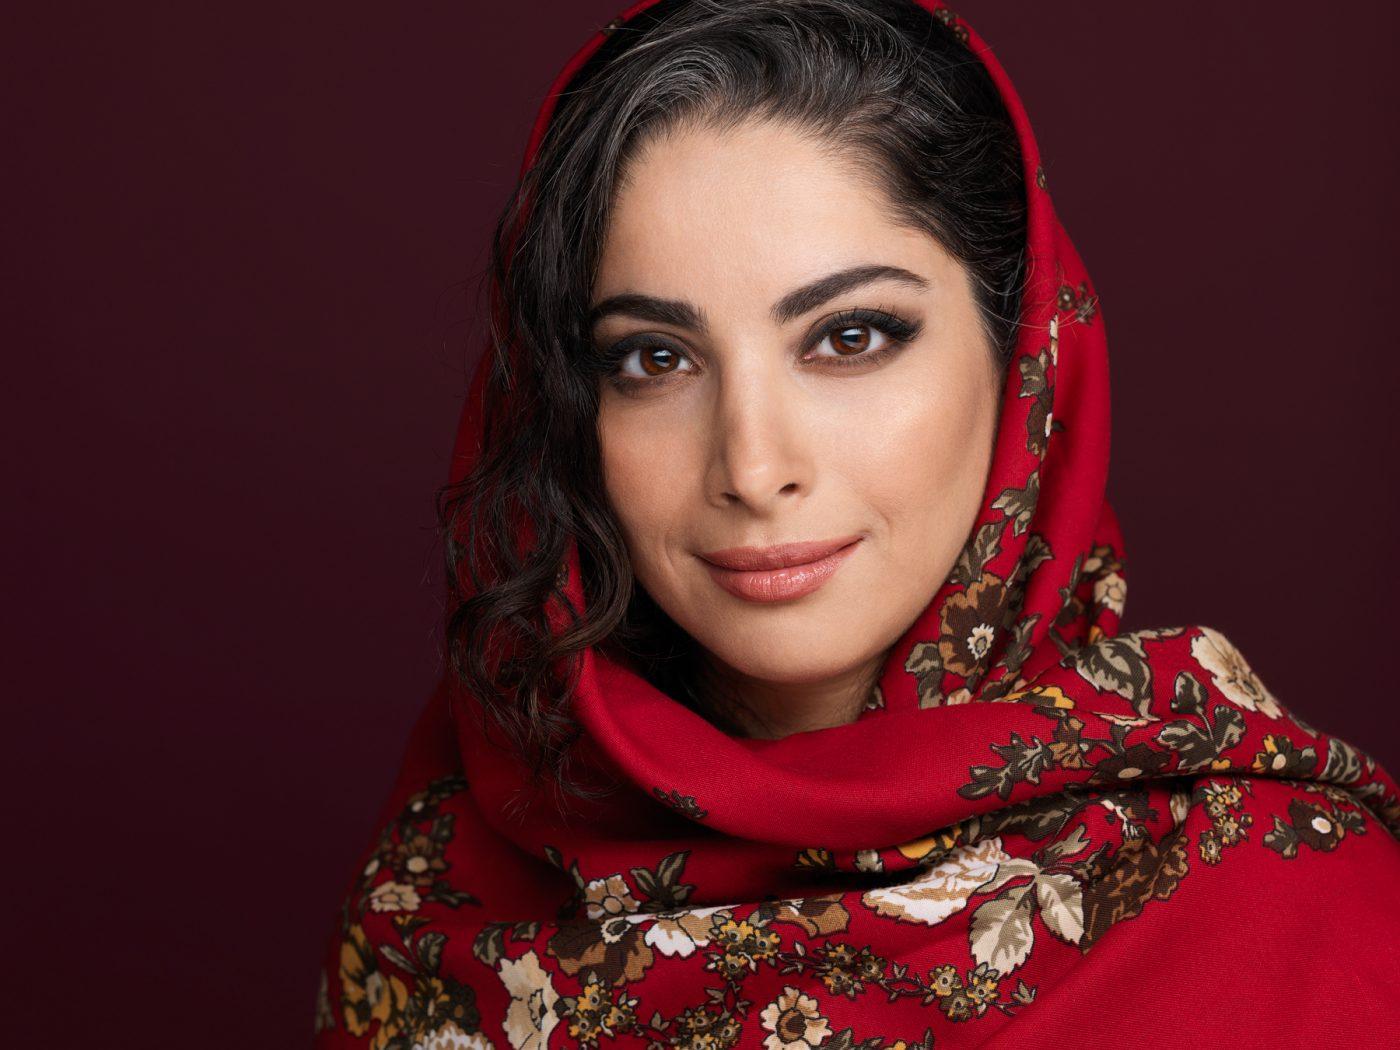 Arabian makeup, arabic makeup, Iranian makeup, Montreal makeup artist, montreal event makeup